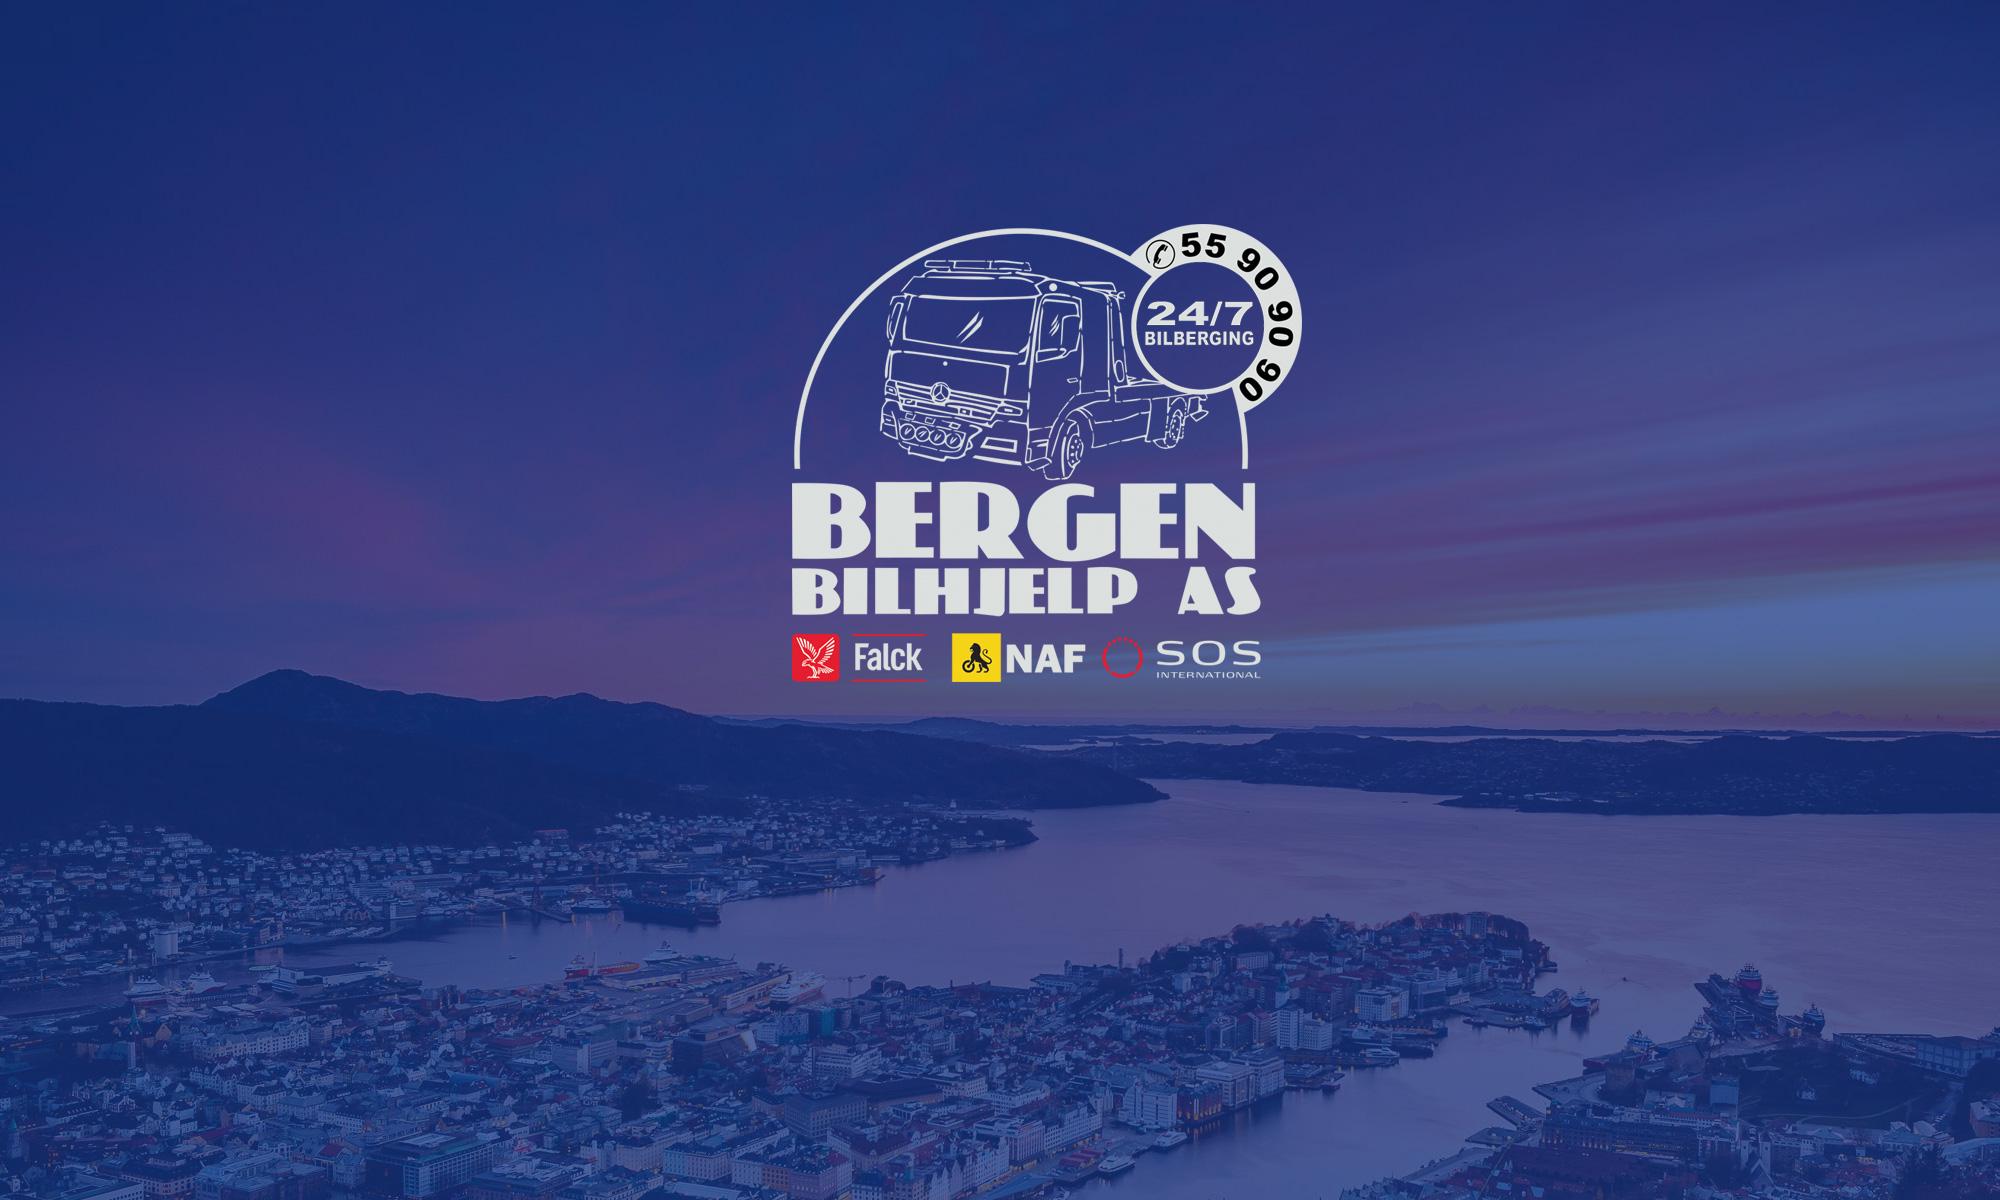 Veitjeneste Bergen